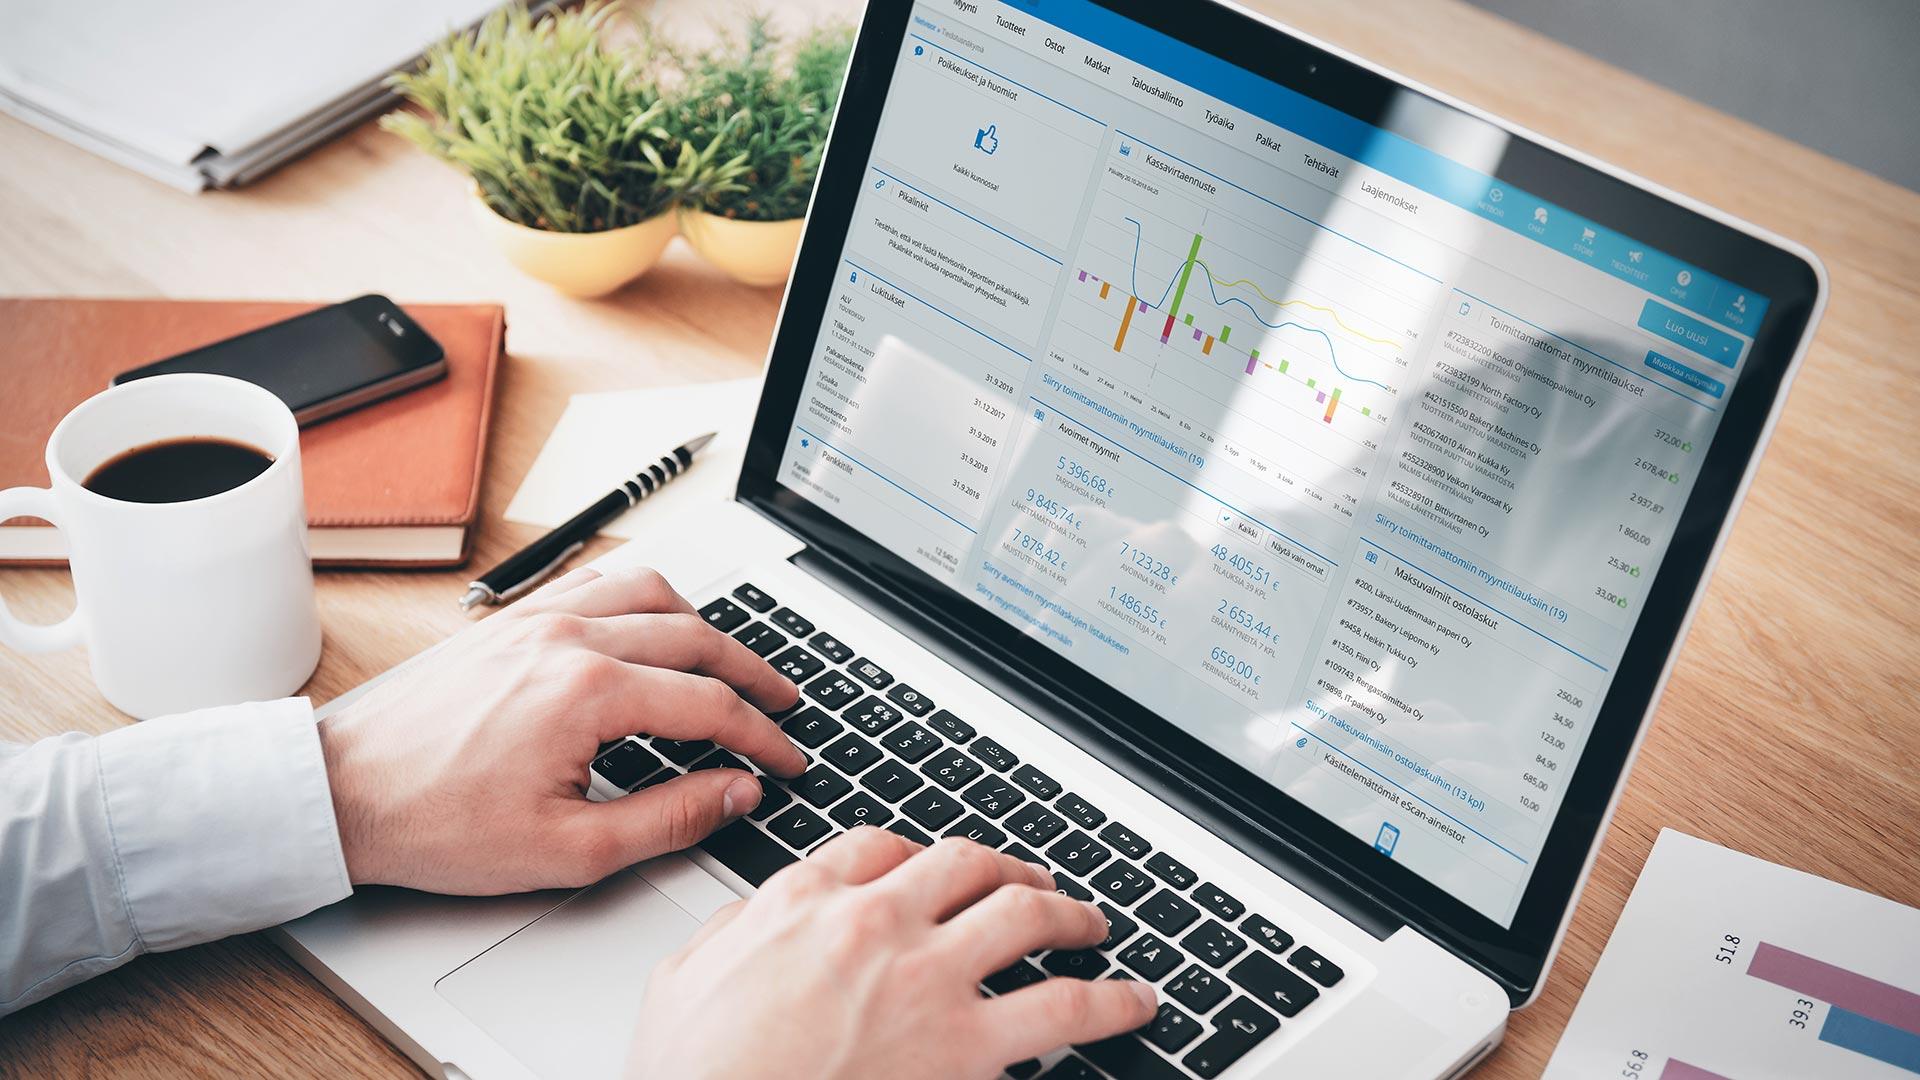 Netvisor automatisoi yli 90 prosenttia taloushallinnon tehtävistä.